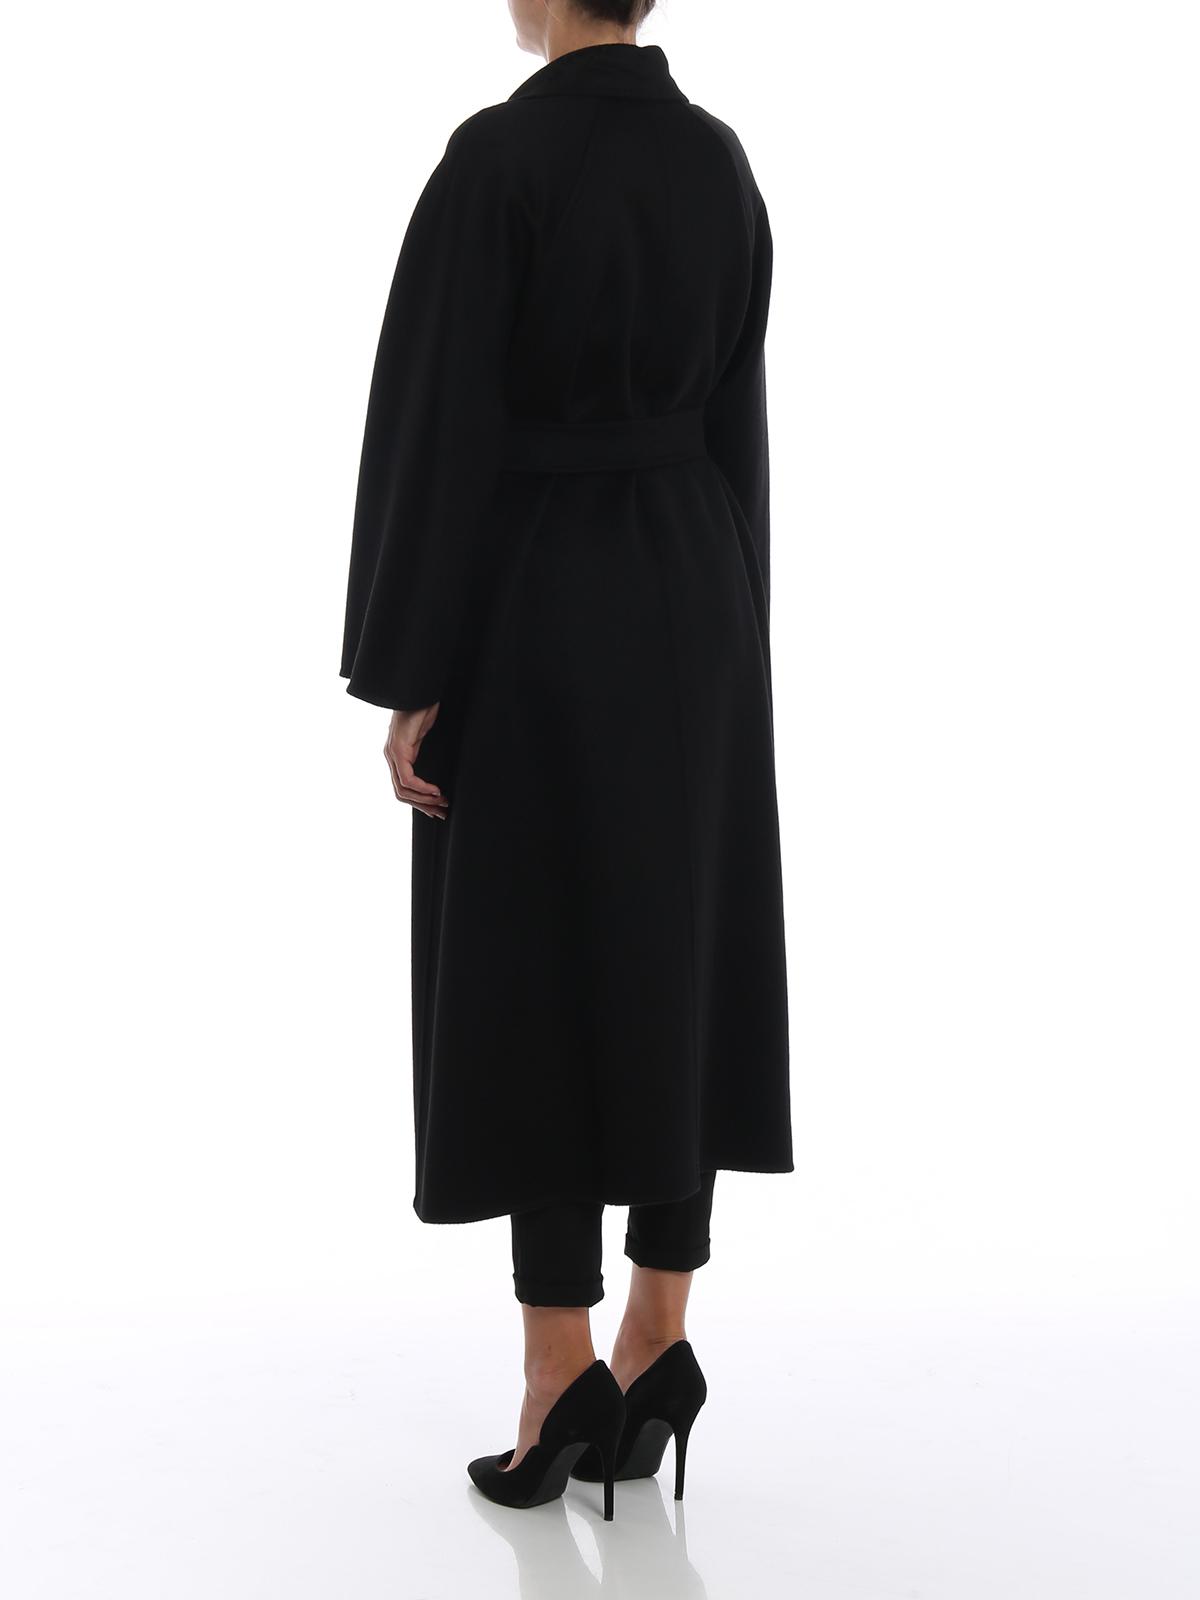 Langer mantel schwarz